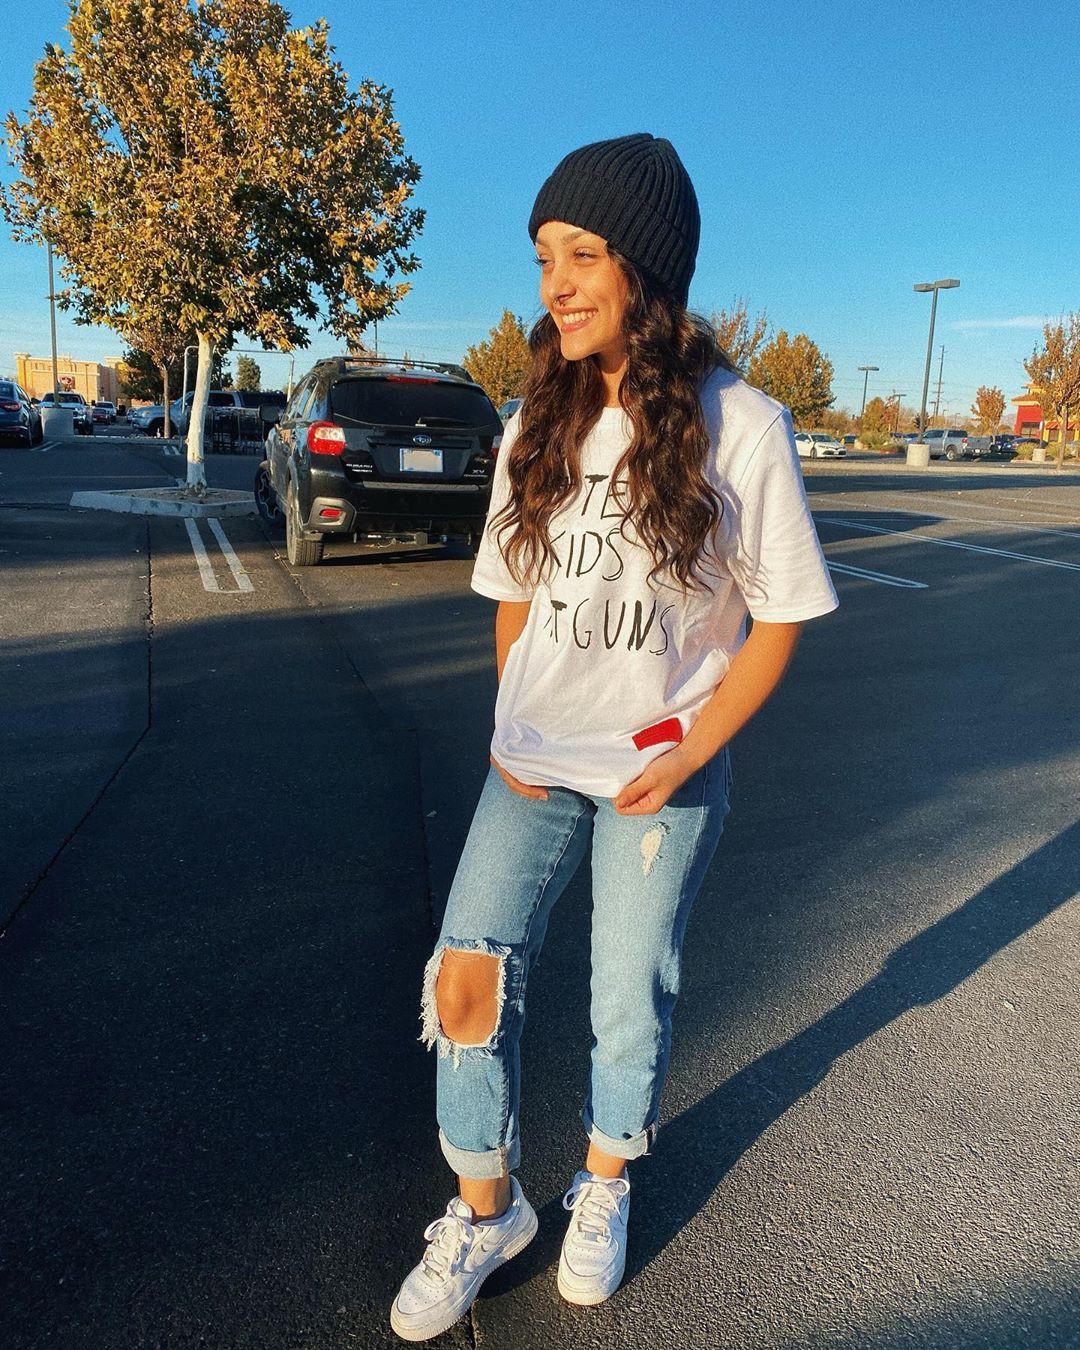 Hailey Orona beanie, denim, jeans colour outfit ideas 2020